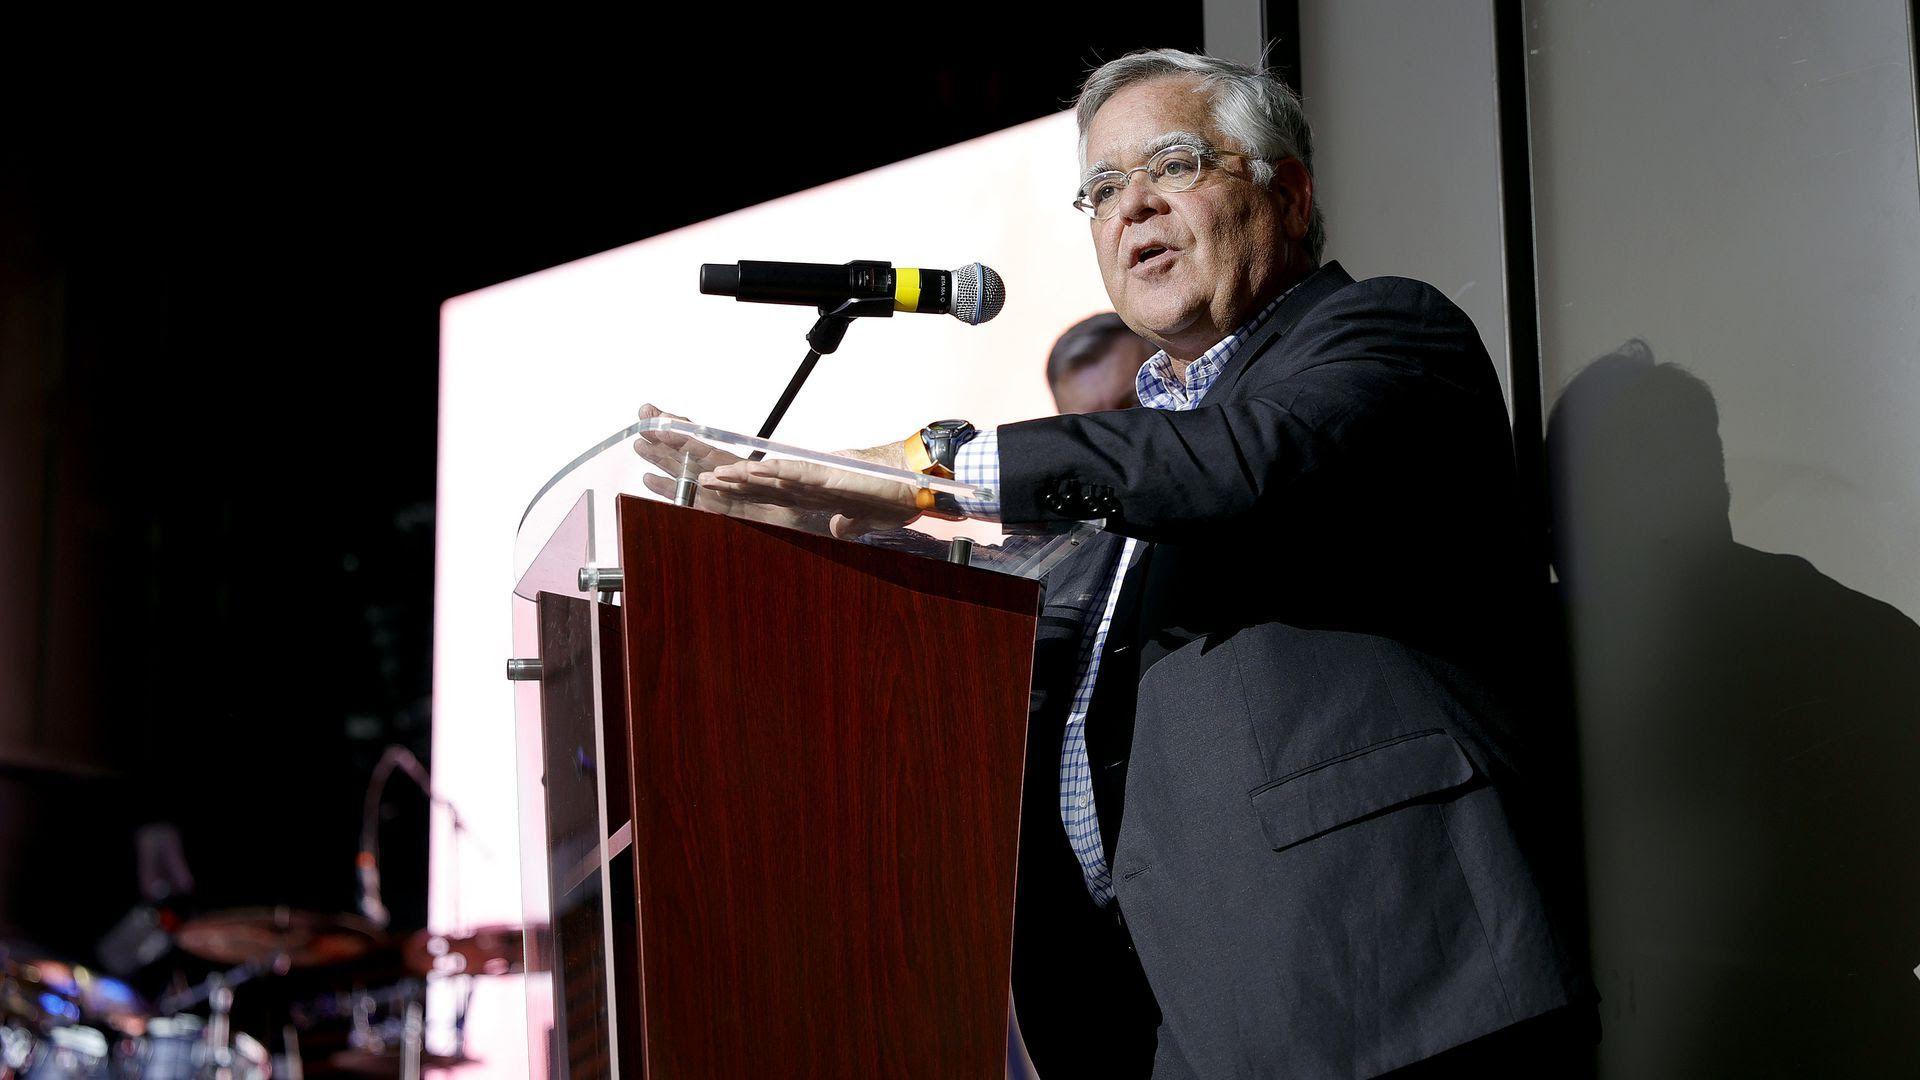 Nashville Mayor John Cooper speaks on a podium.